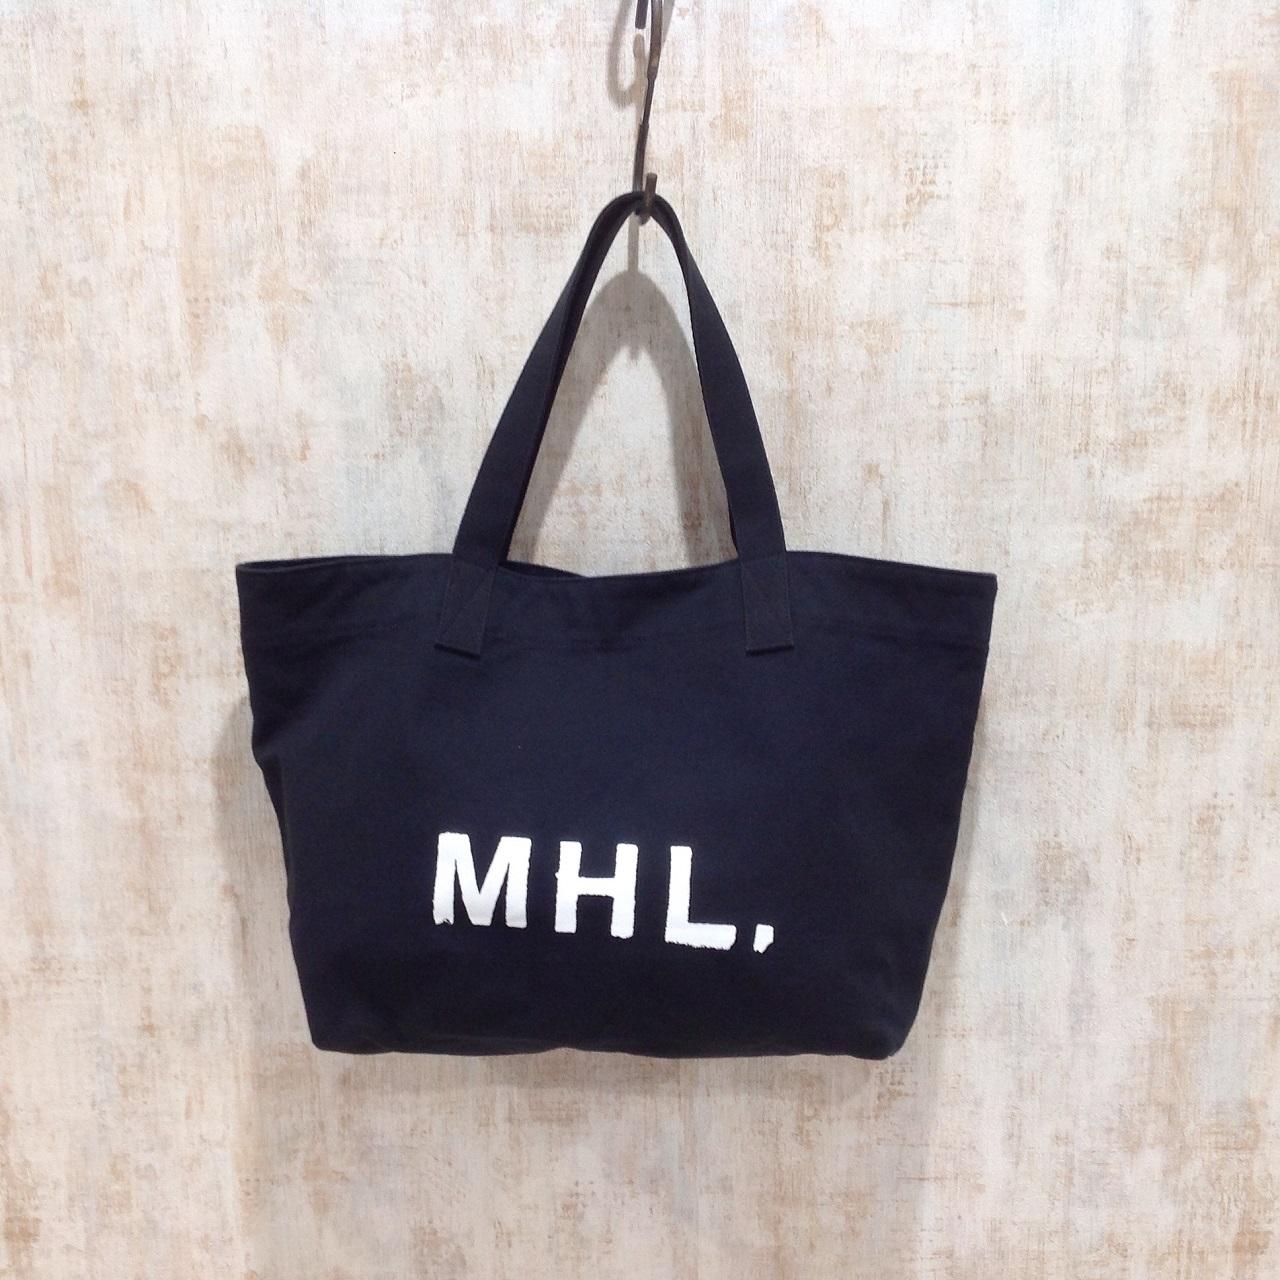 マーガレットハウエルの人気のロゴ入りトートバッグ